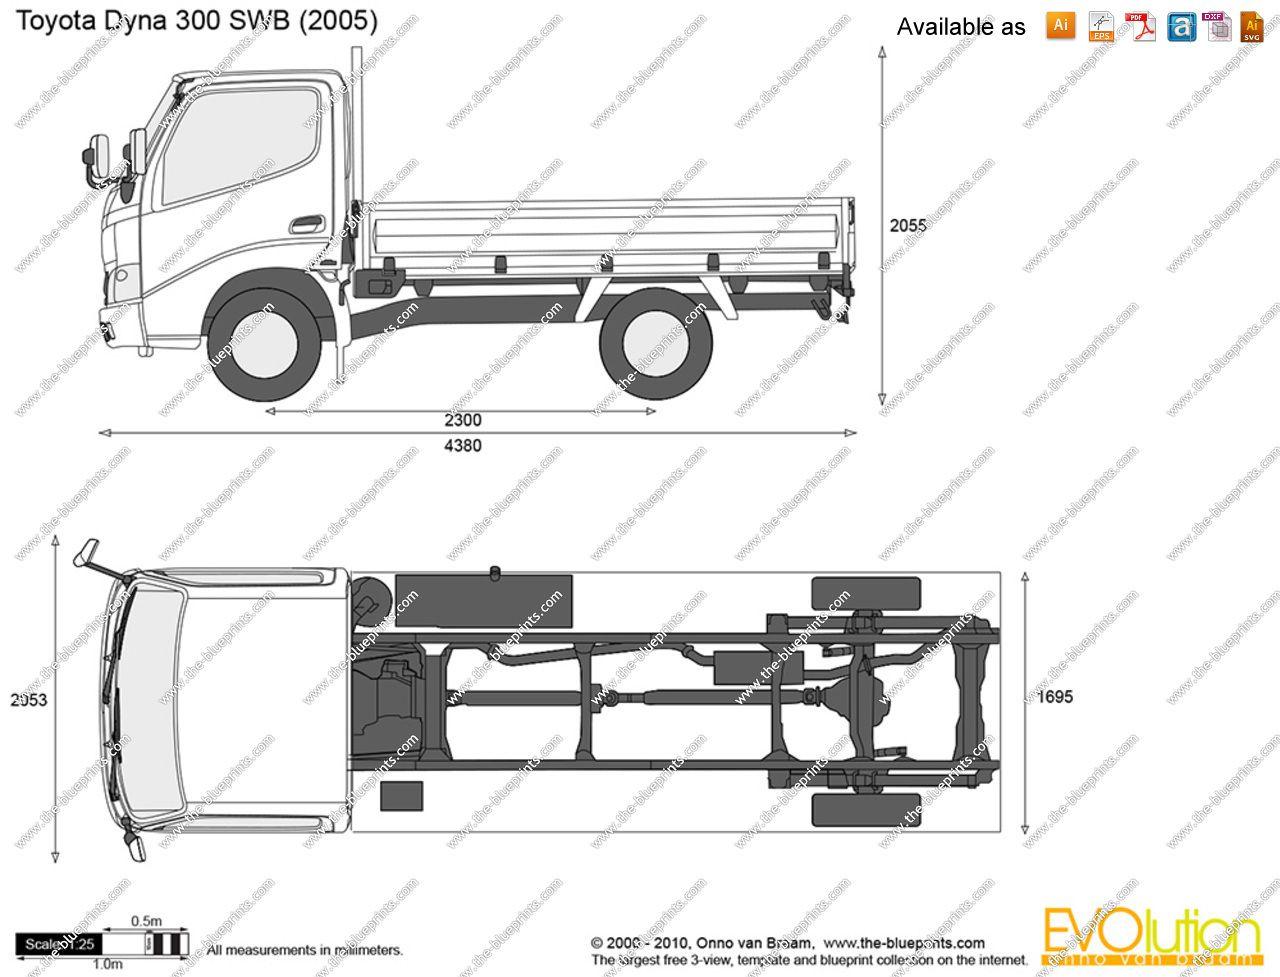 toyota dyna truck dimensions 7 [ 1280 x 977 Pixel ]